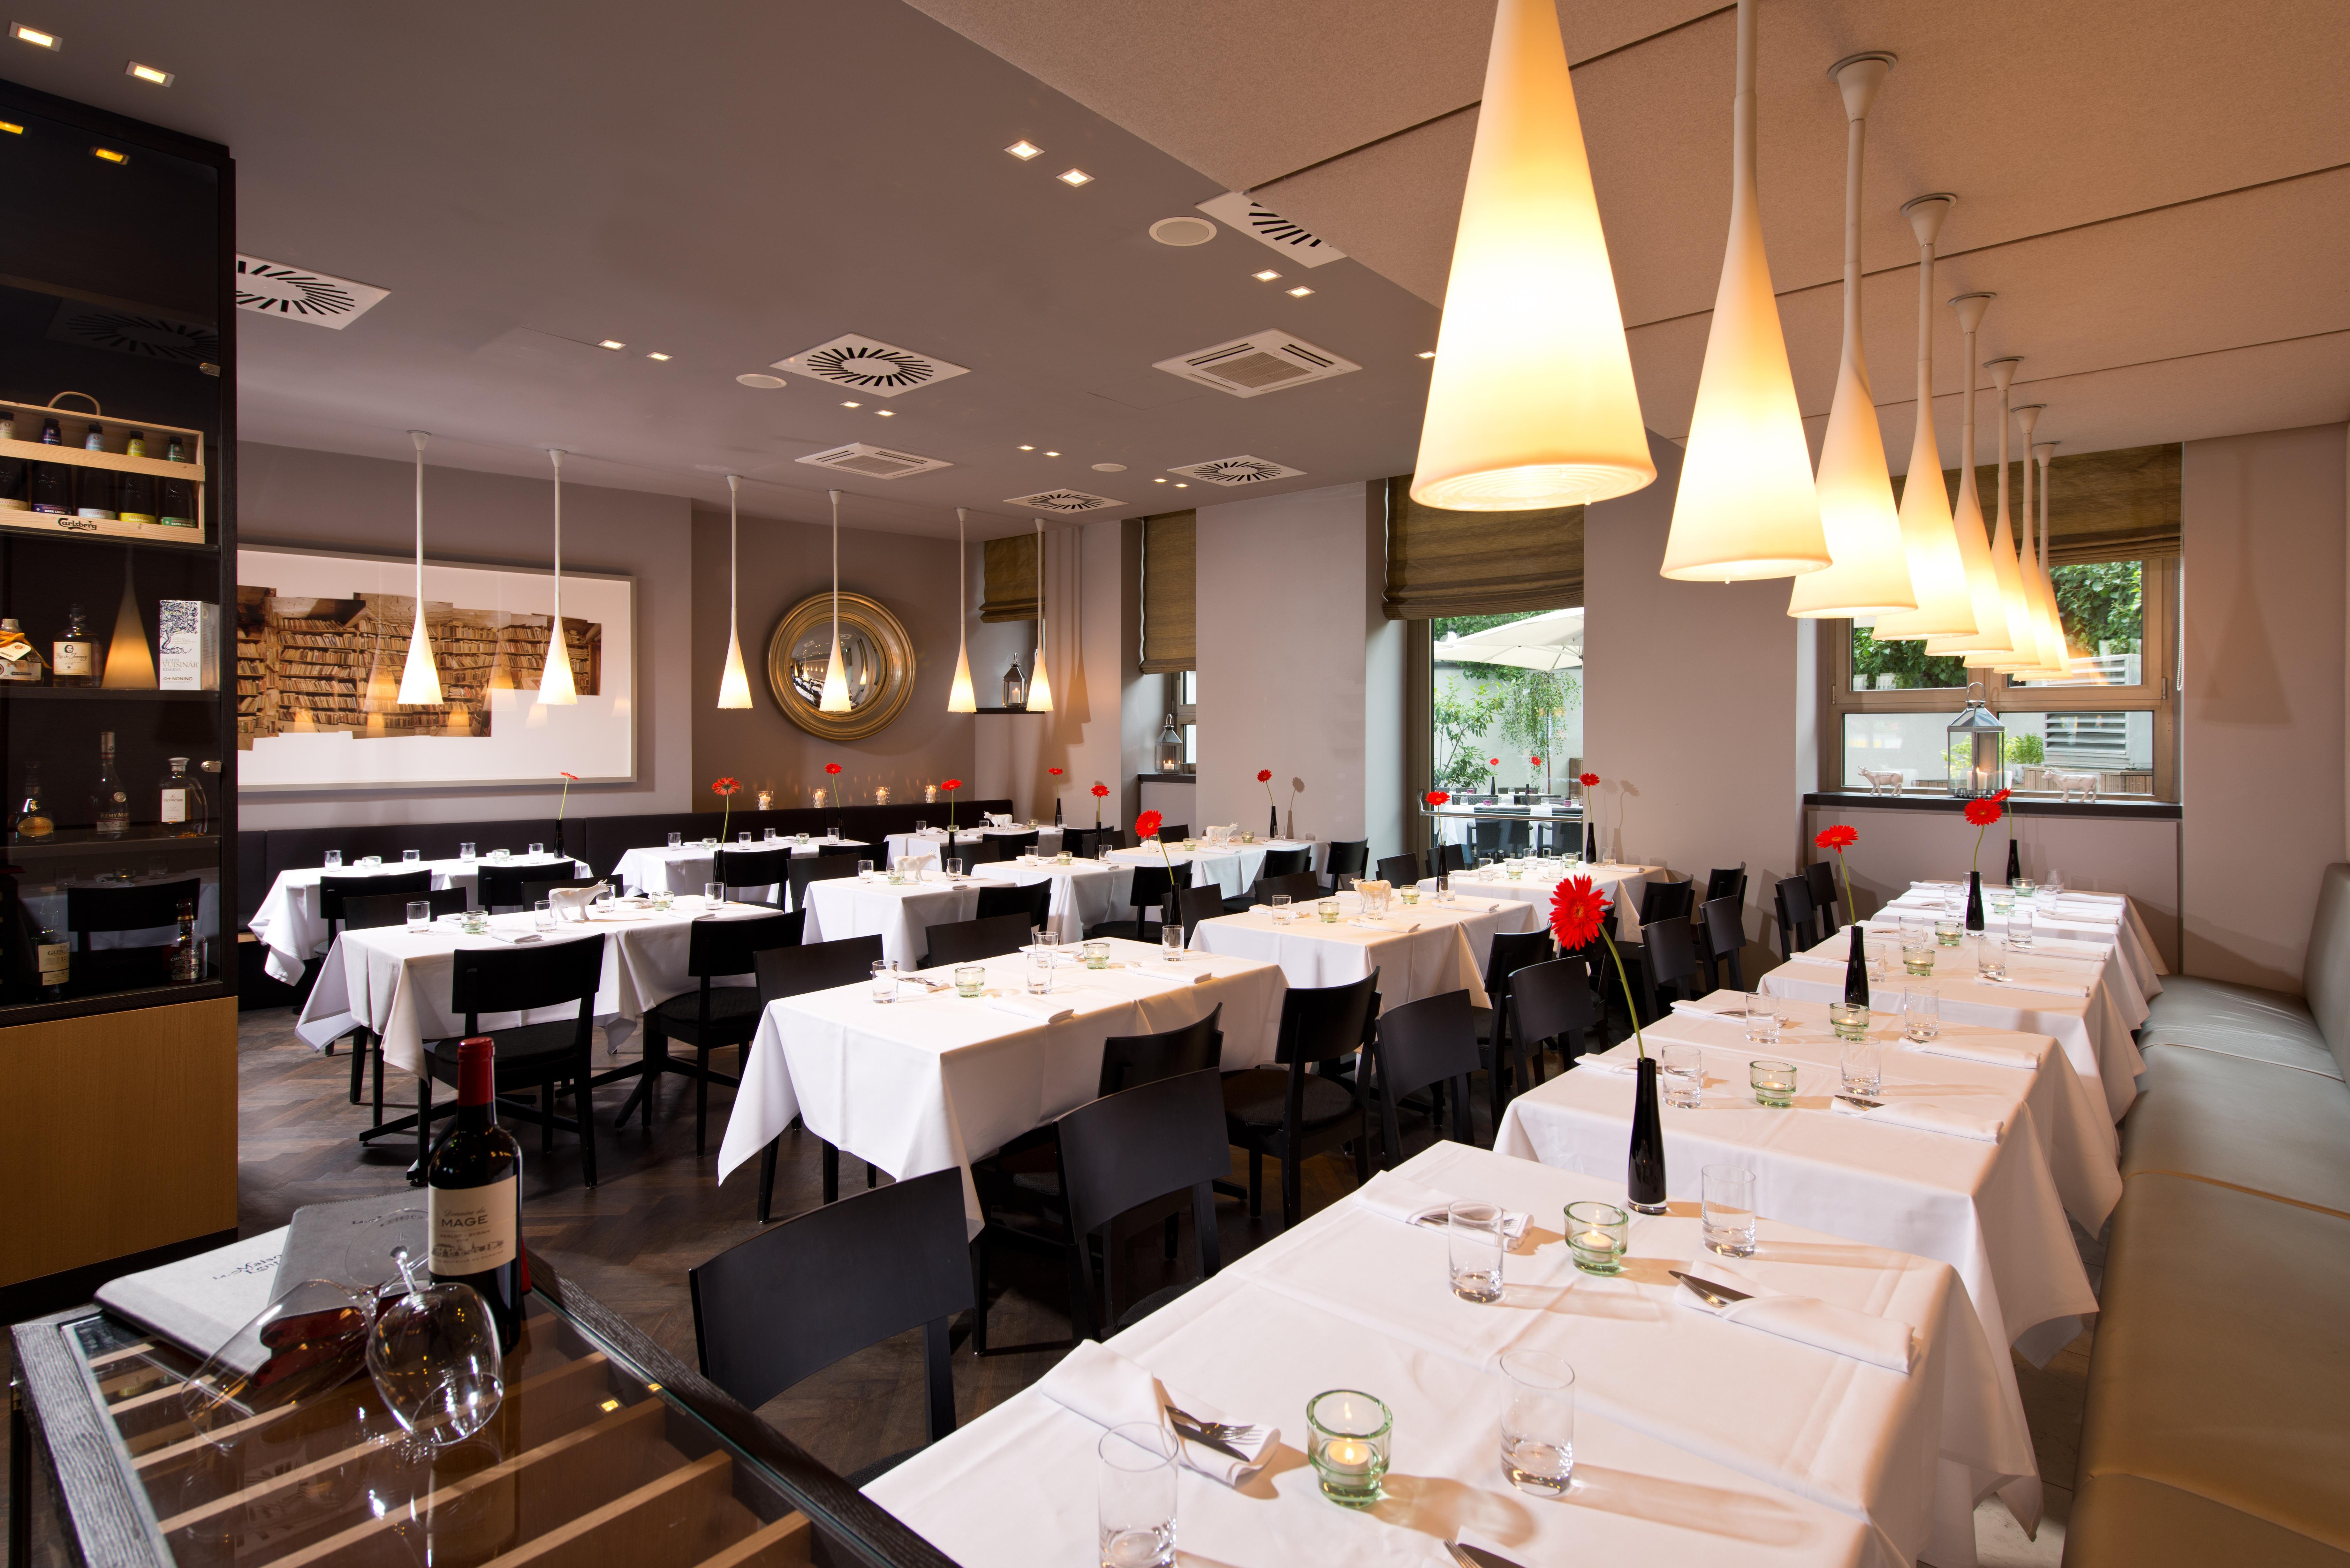 무료 이미지 레스토랑 시티 식사 현대 디자인 자본 호텔 베를린 쿠르프 스타